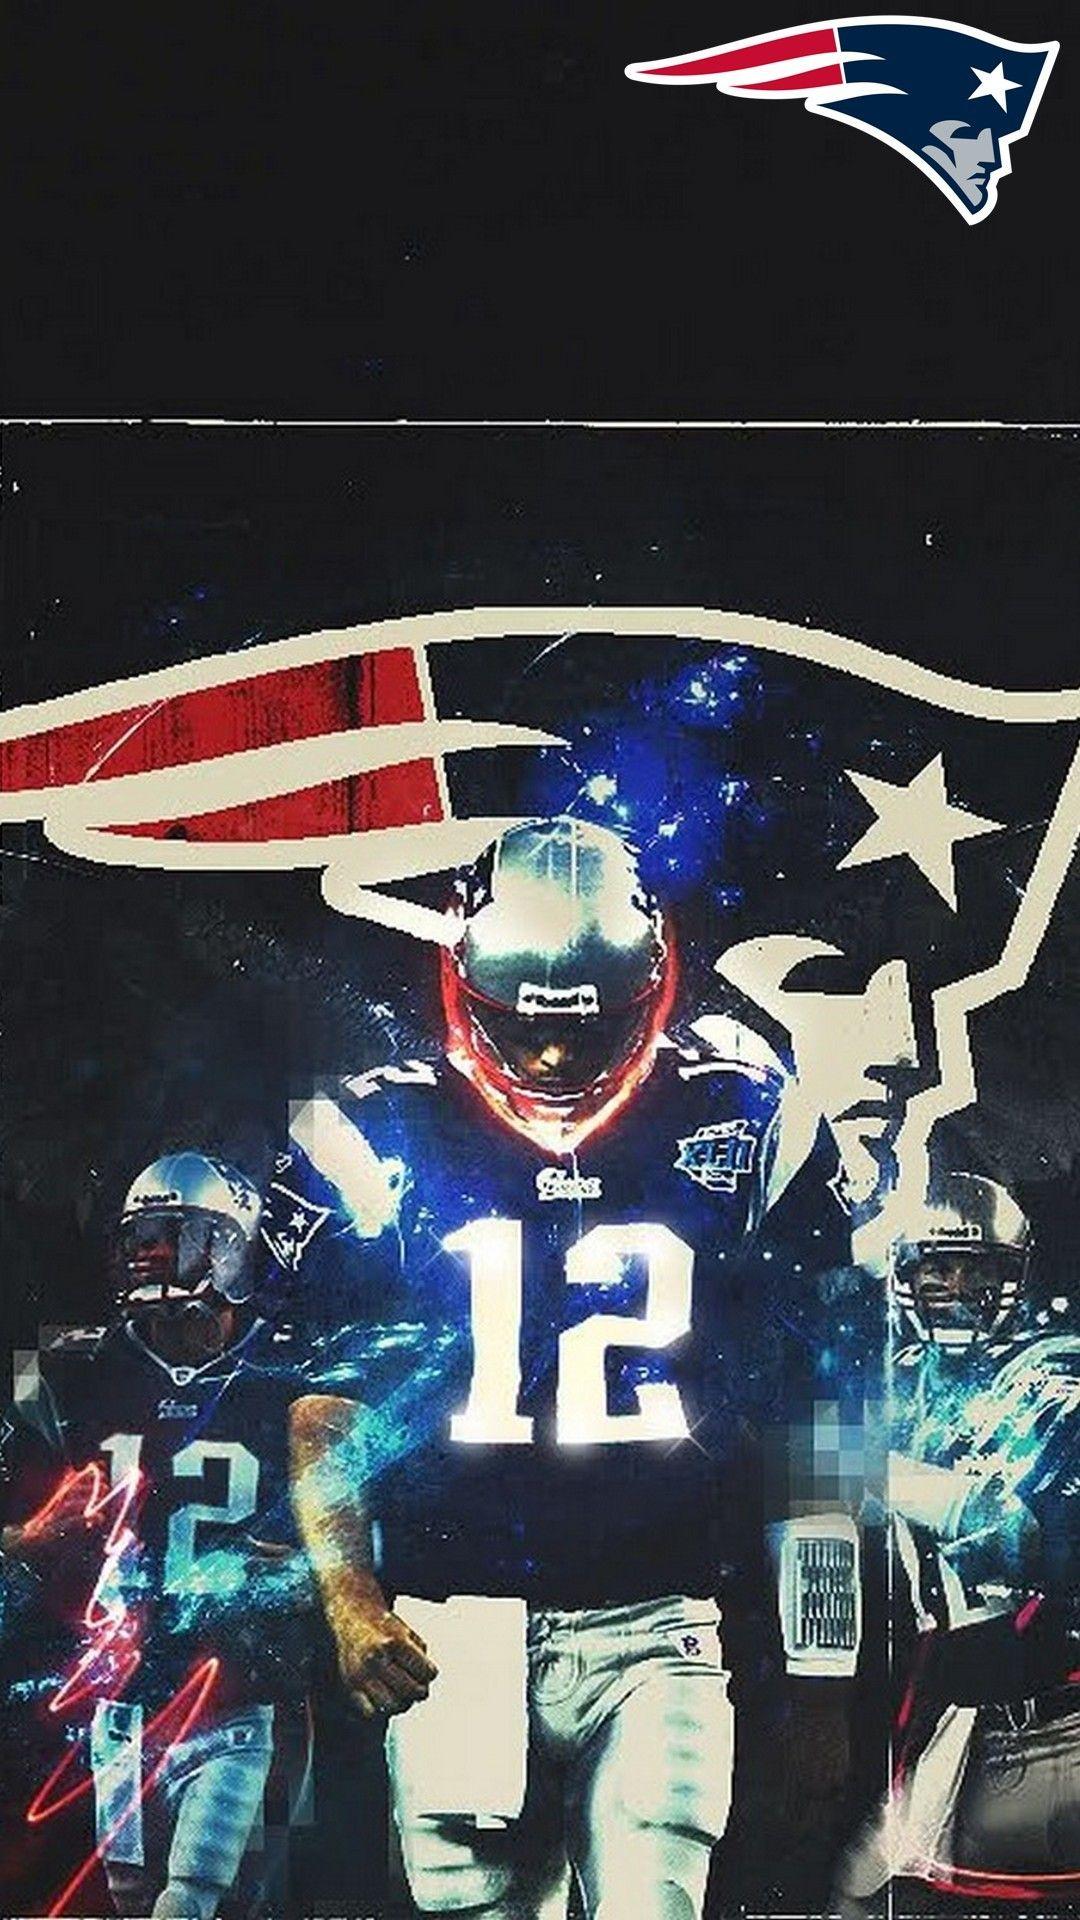 Tom Brady Patriots Image En 2020 Imagenes De Futbol Americano Imagenes De Futbol Patriotas De Nueva Inglaterra